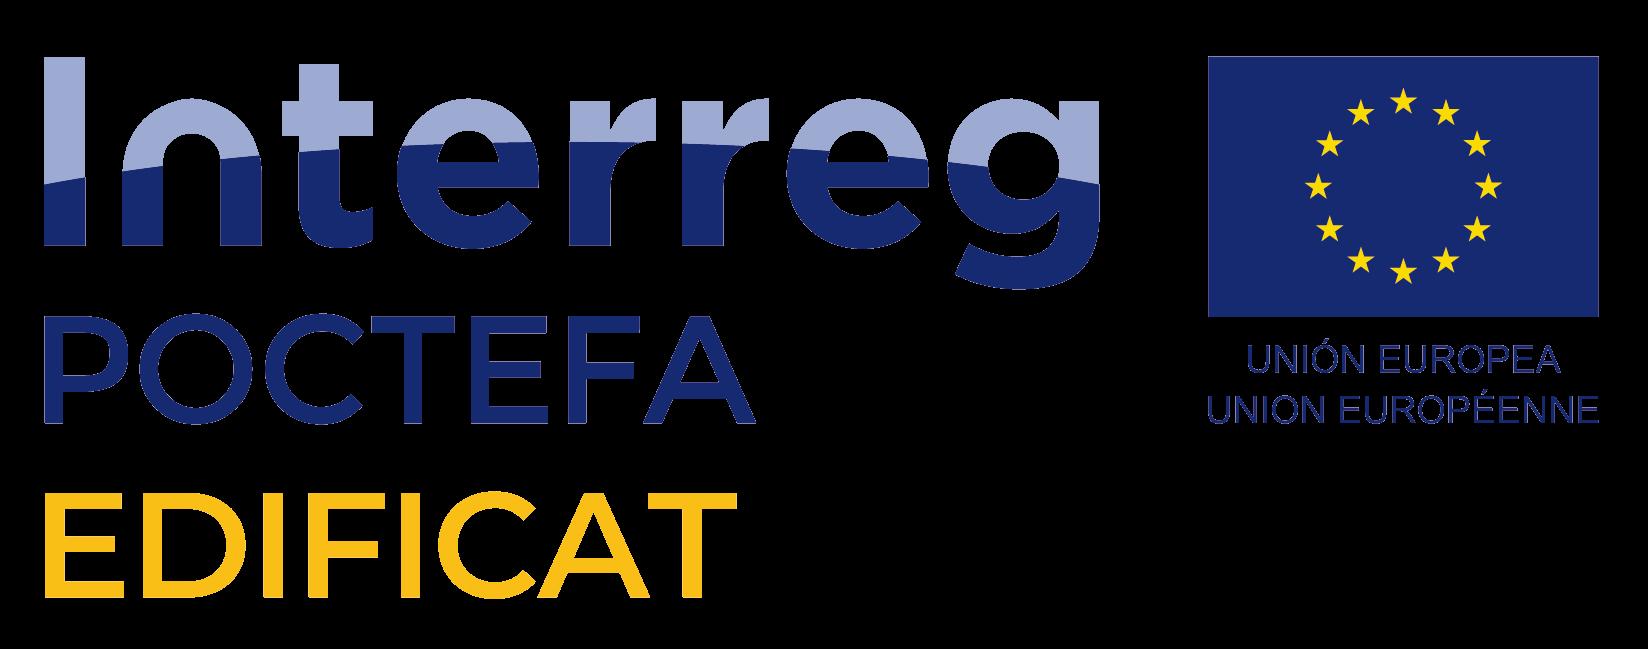 Interreg-POCTEFA-EDIFICAT-png